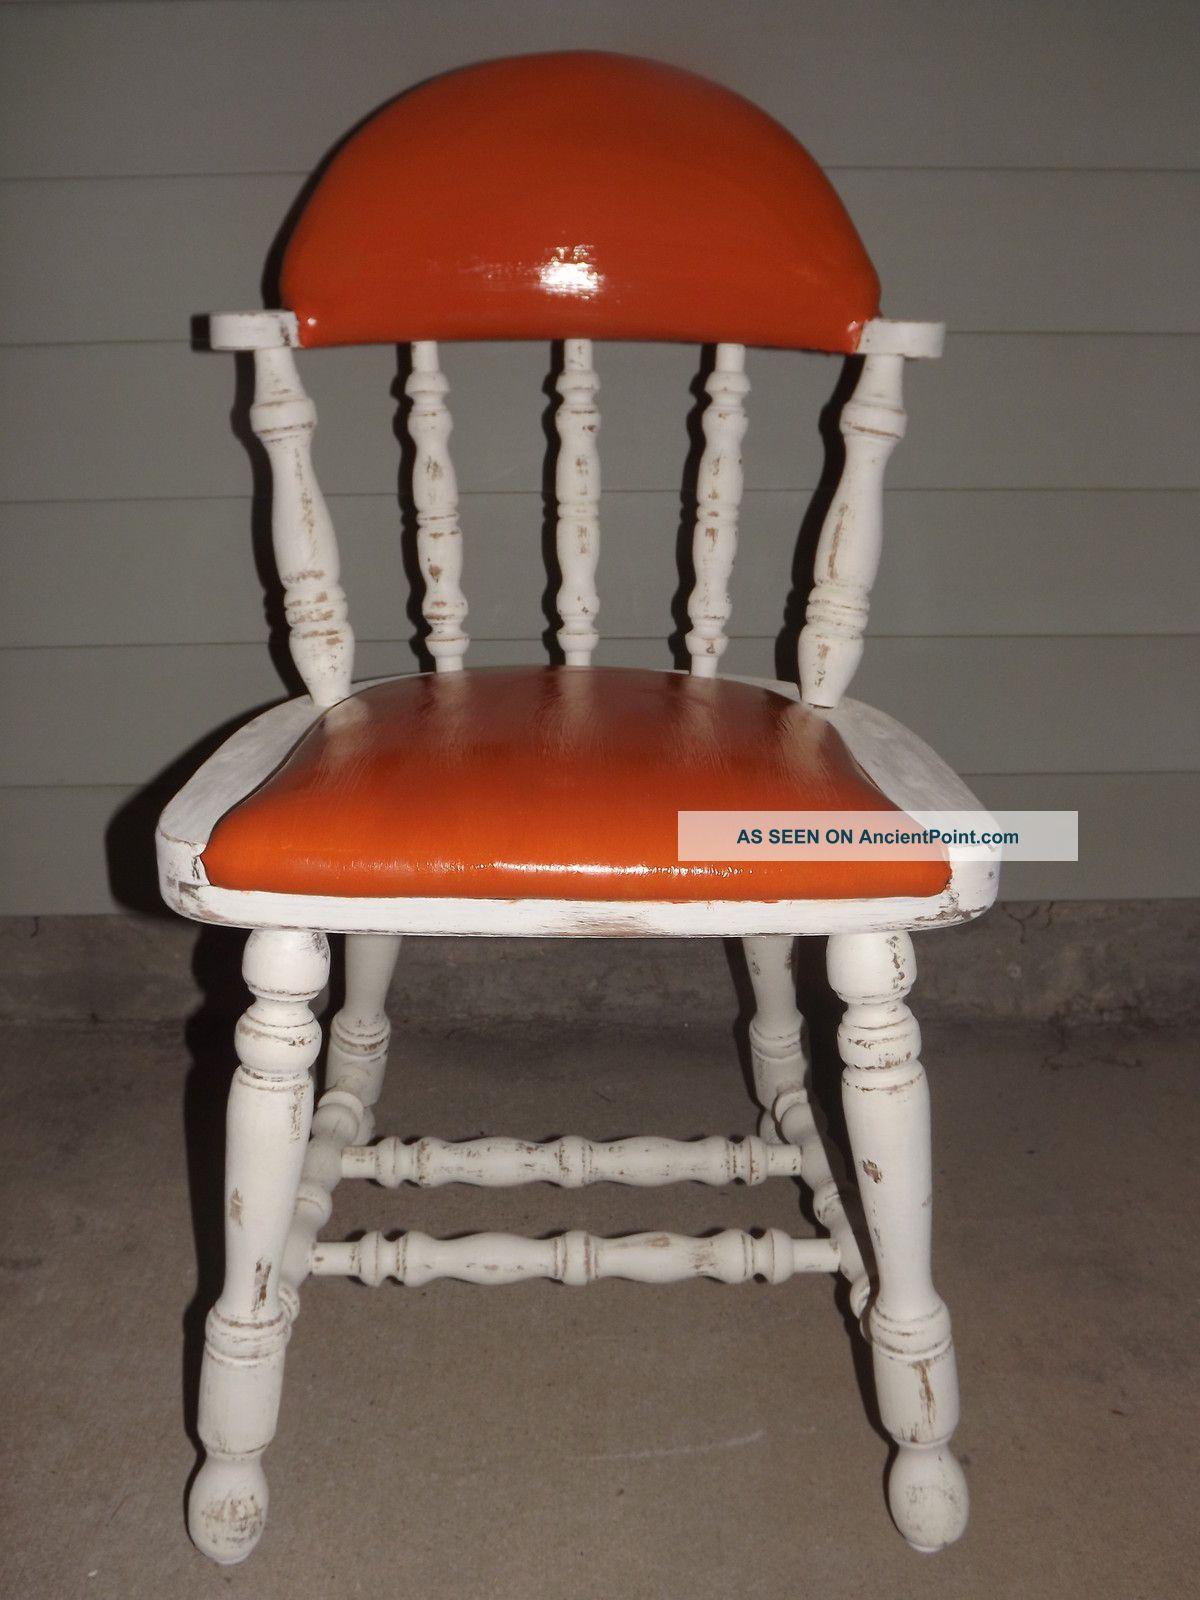 Buckstaff Vintage Orange Vinyl Chair Post-1950 photo